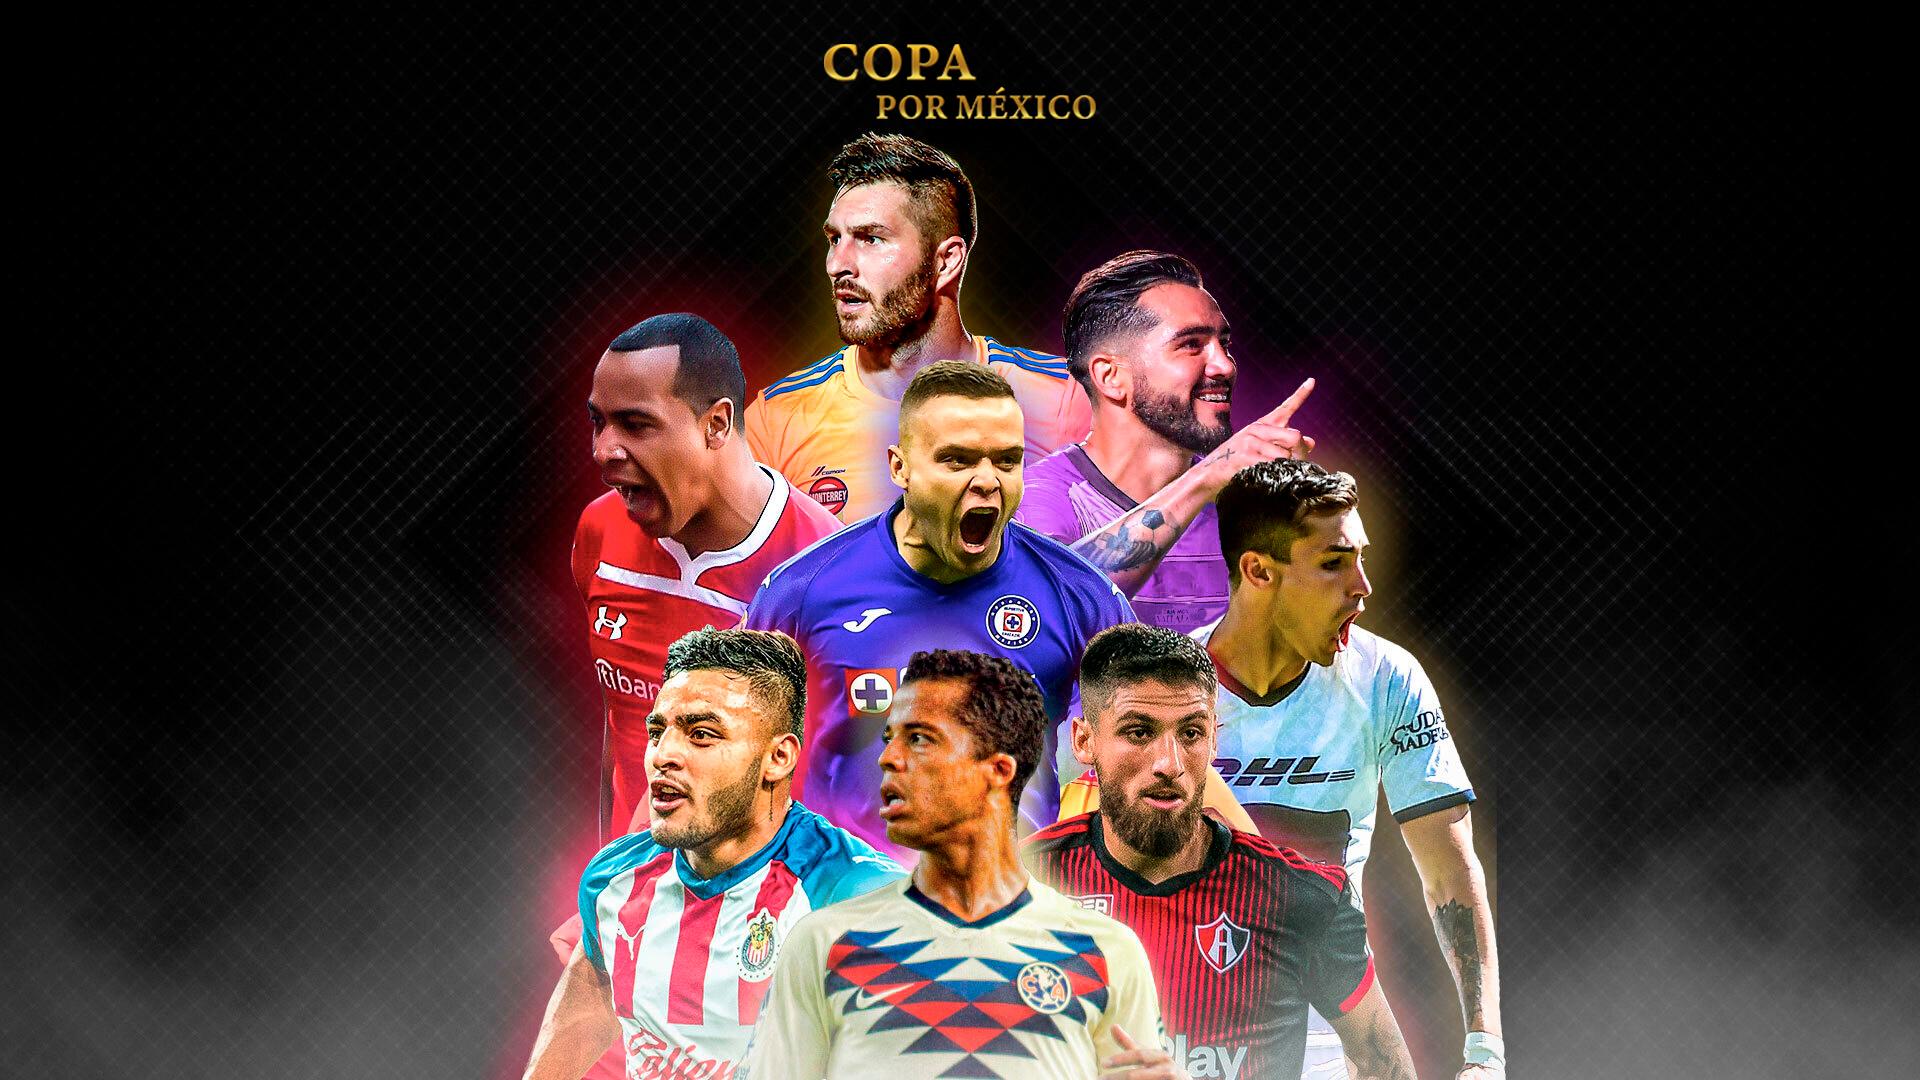 Copa por México: cómo y dónde ver los partidos del torneo amistoso ...